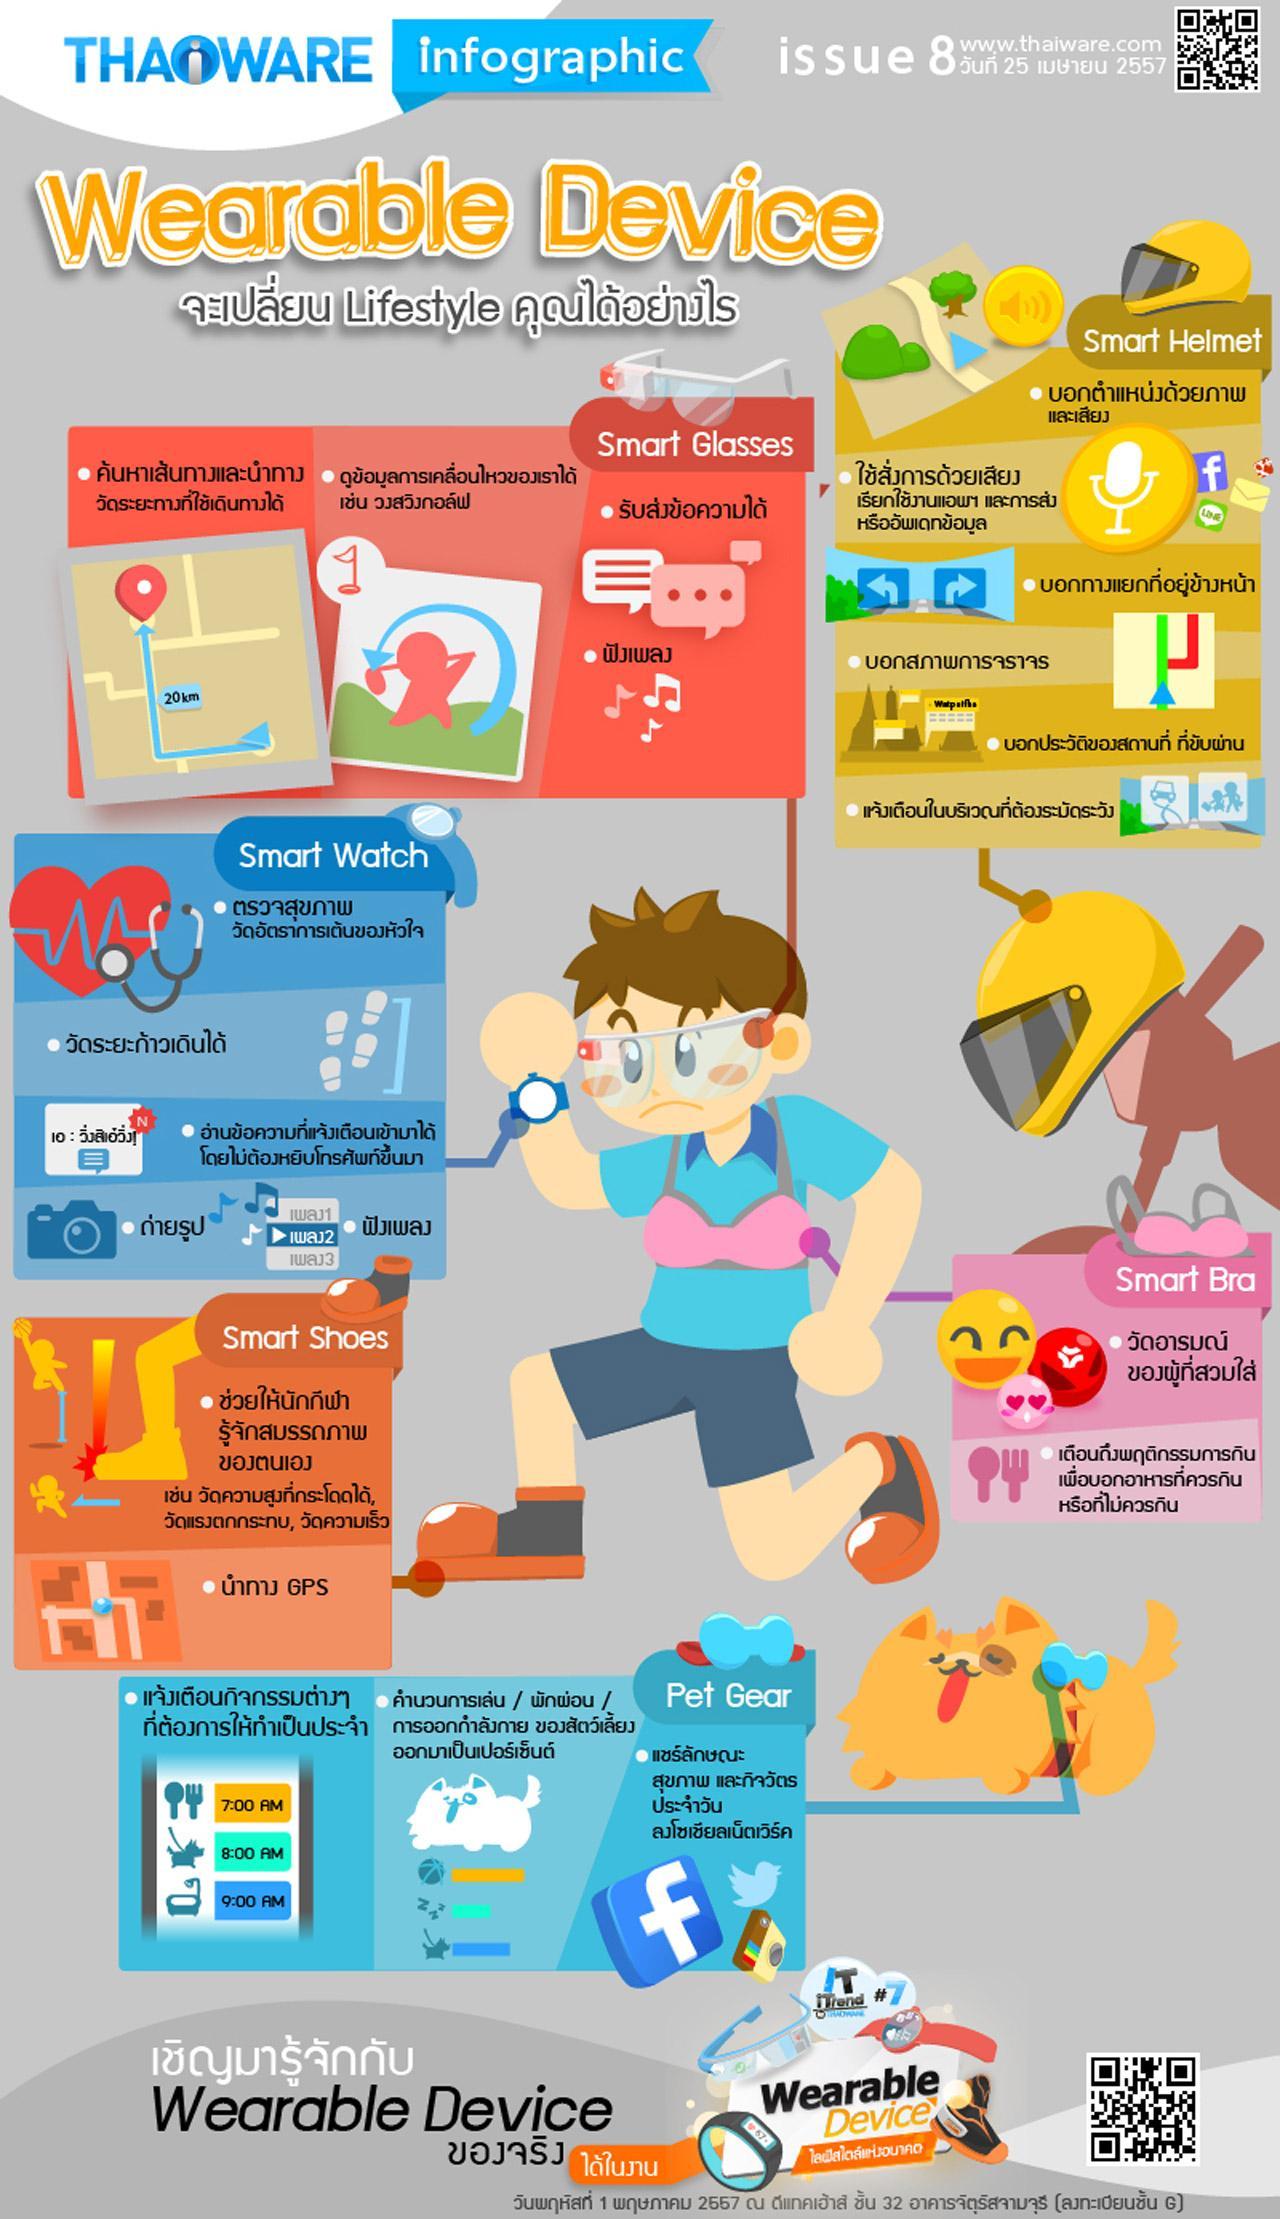 Infographic ฉบับที่ 9 โดยไทยแวร์ดอทคอม